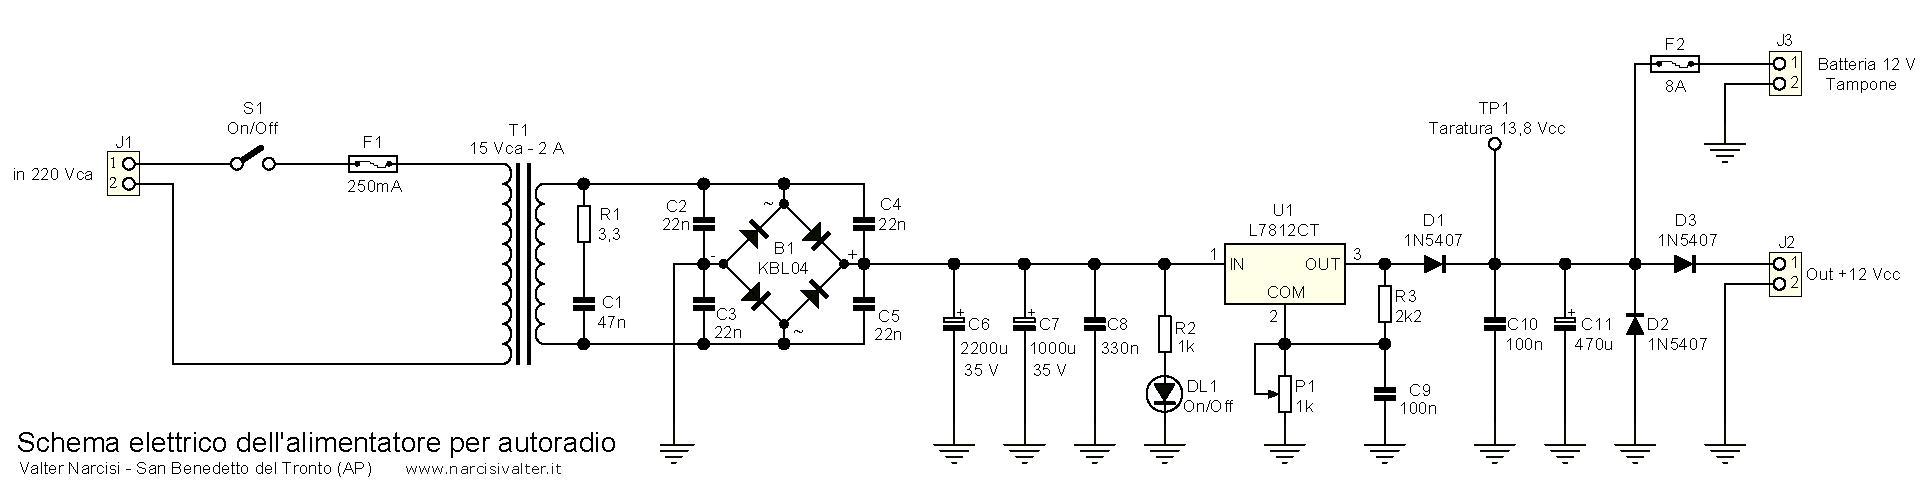 Schema Elettrico Alimentatore : Alimentatore autonomo per autoradio power supply for car